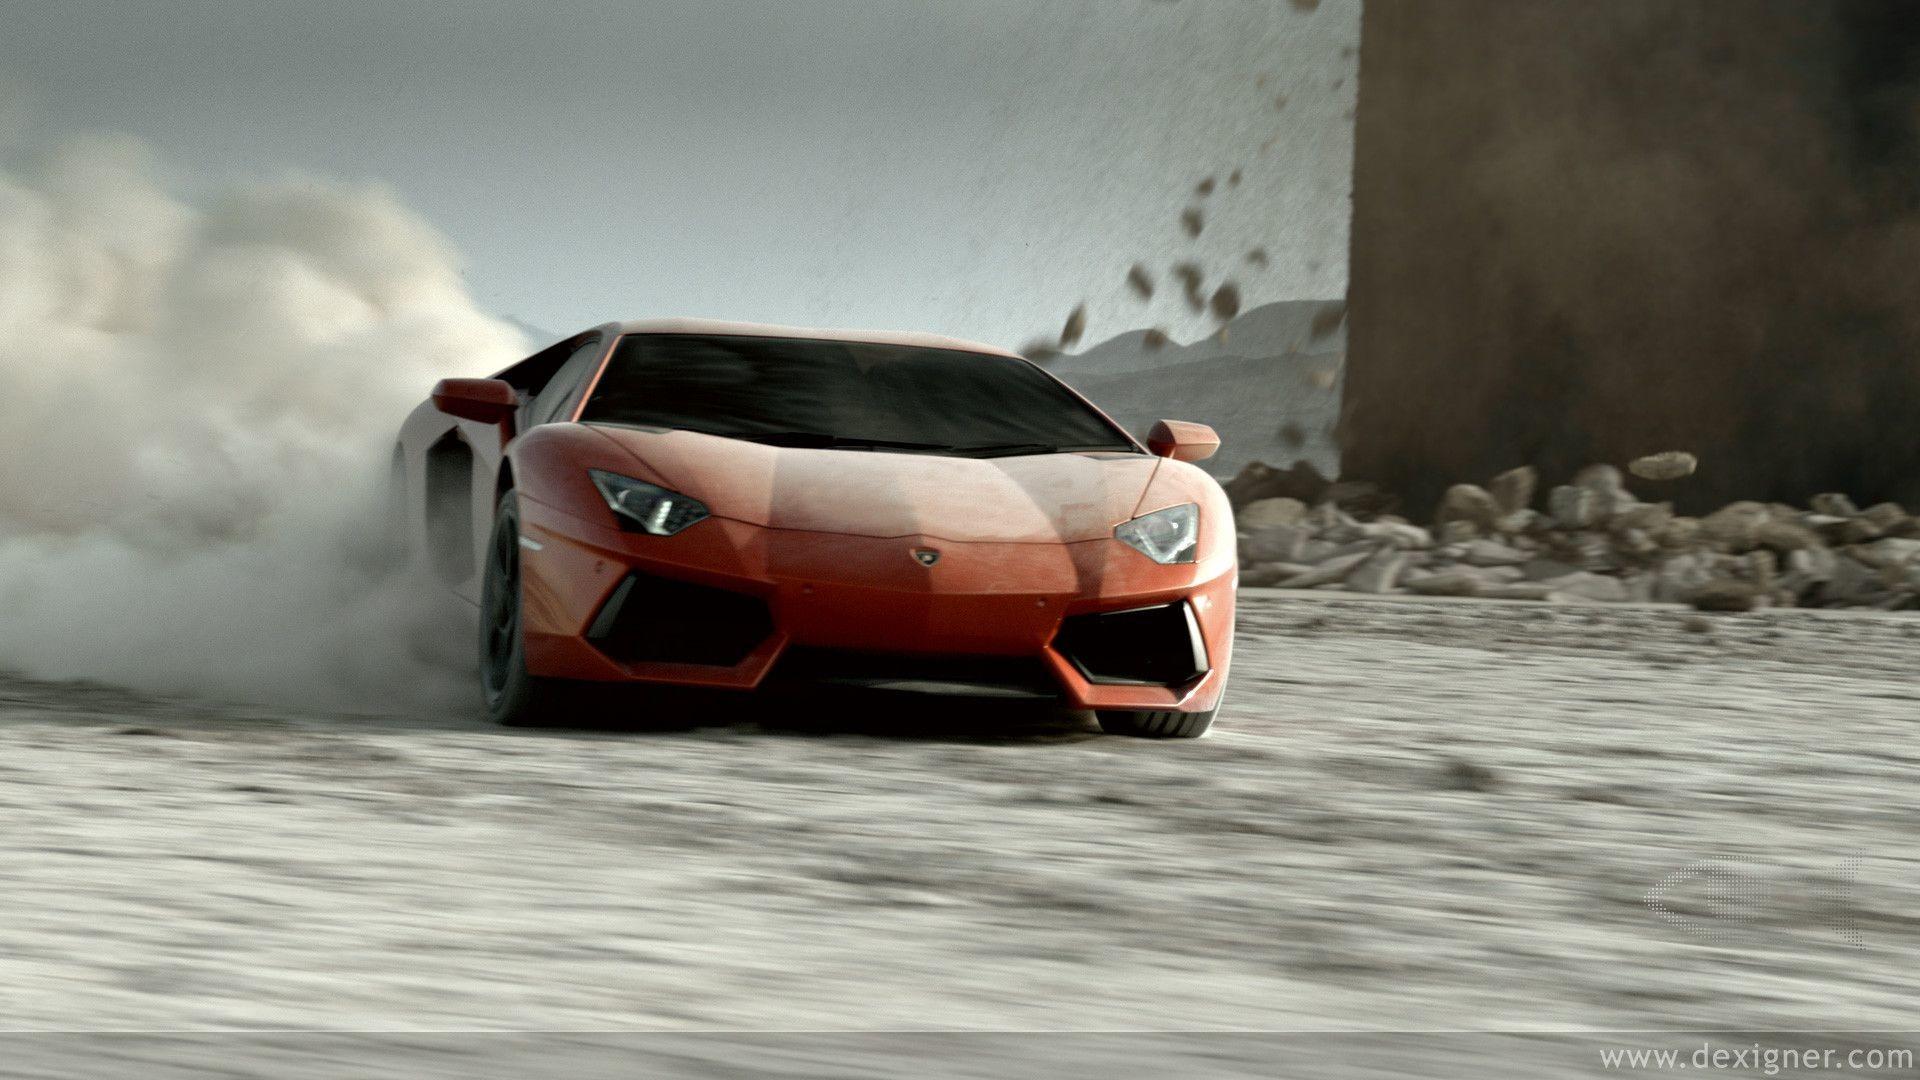 Nice full HD Lamborghini wallpapers 1920×1200 Lamborghini Images Wallpapers  (41 Wallpapers) |